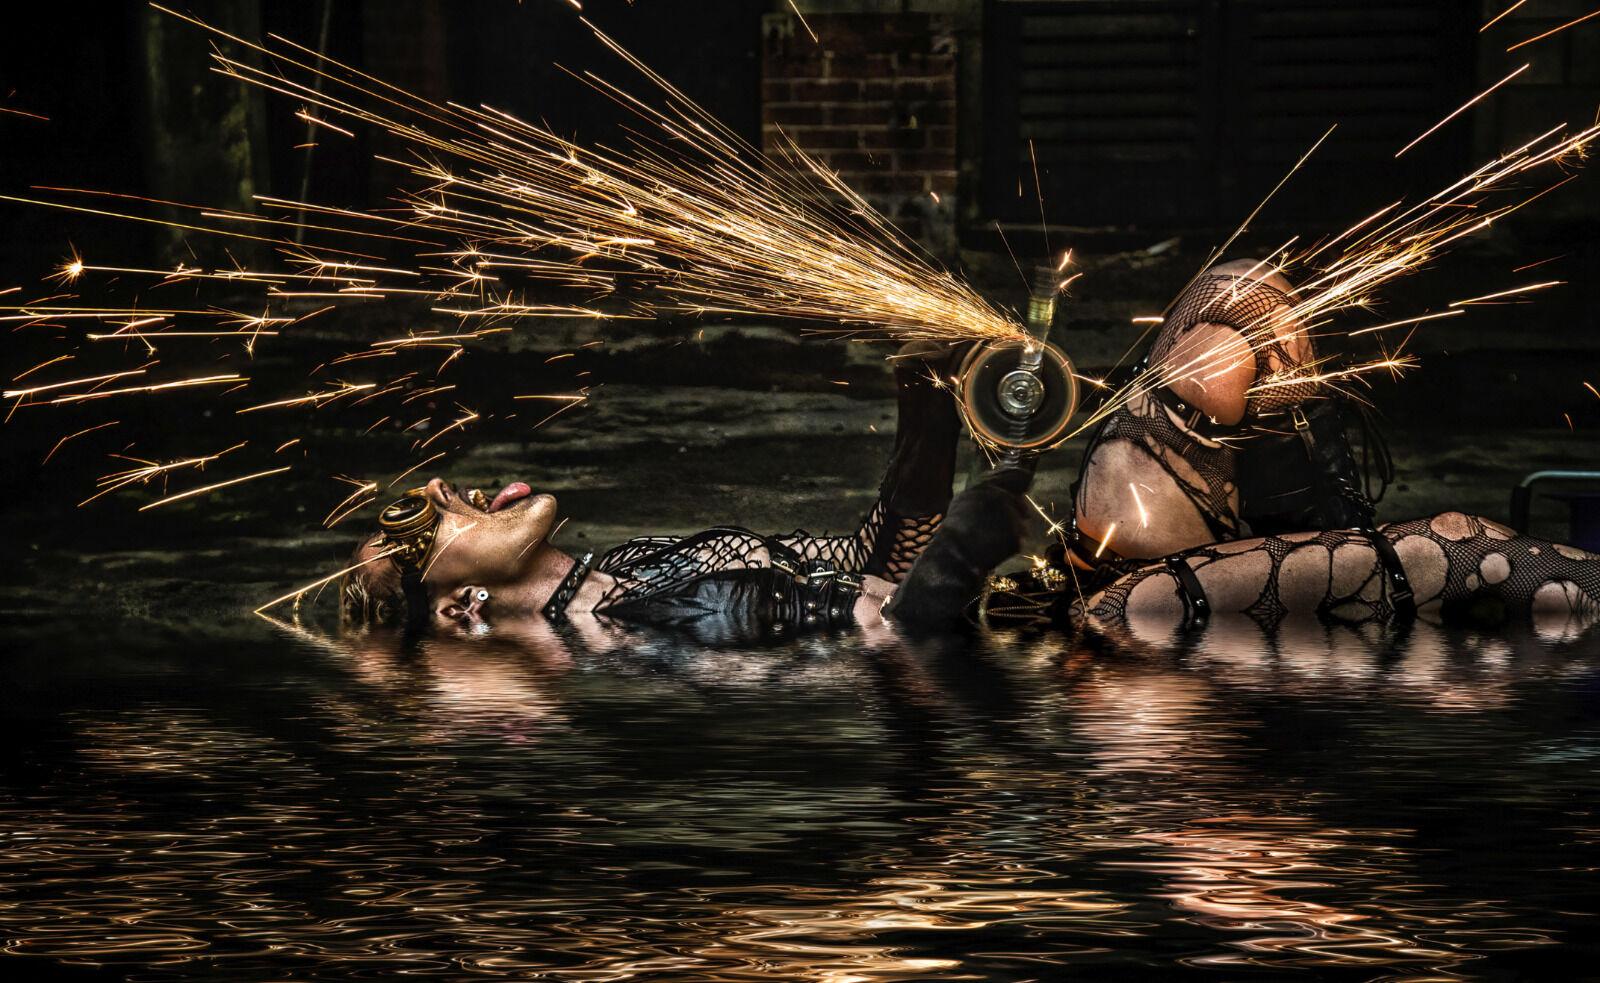 Third - Spark Shower - Martin Janes